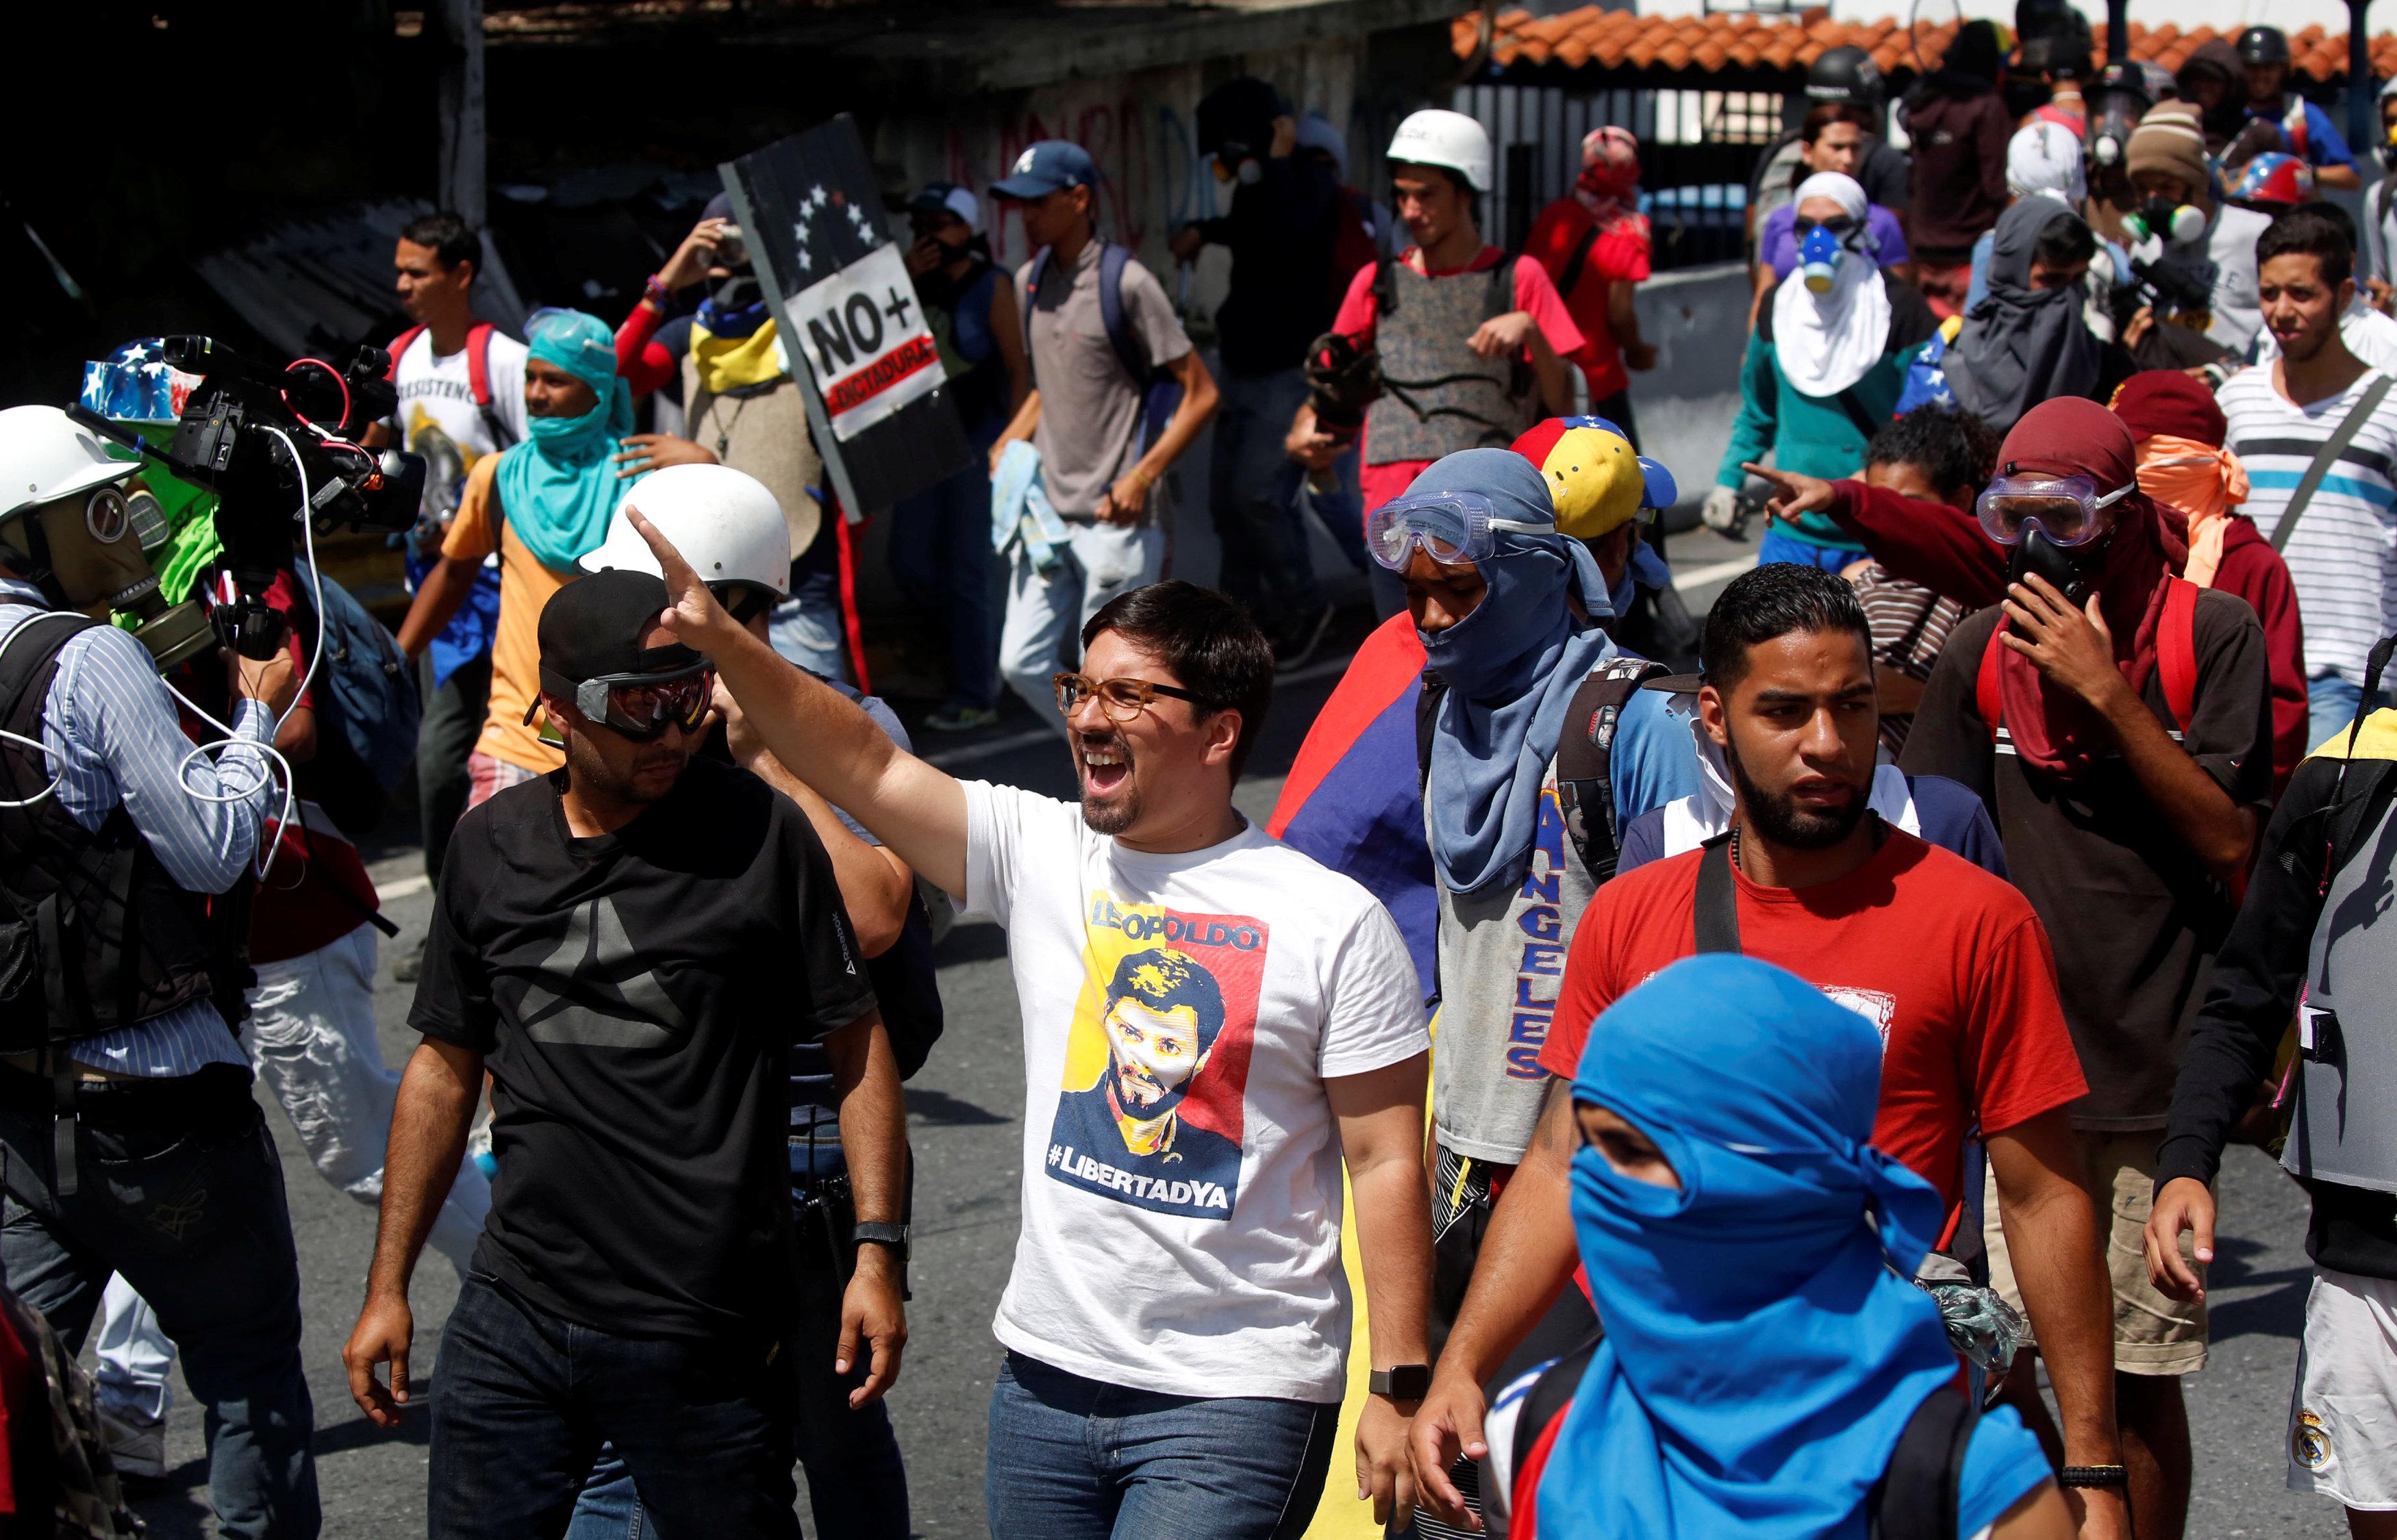 El primer vicepresidente de la AN, diputado, Freddy Guevara asistió a la movilización en Caracas. REUTERS/Carlos Garcia Rawlins